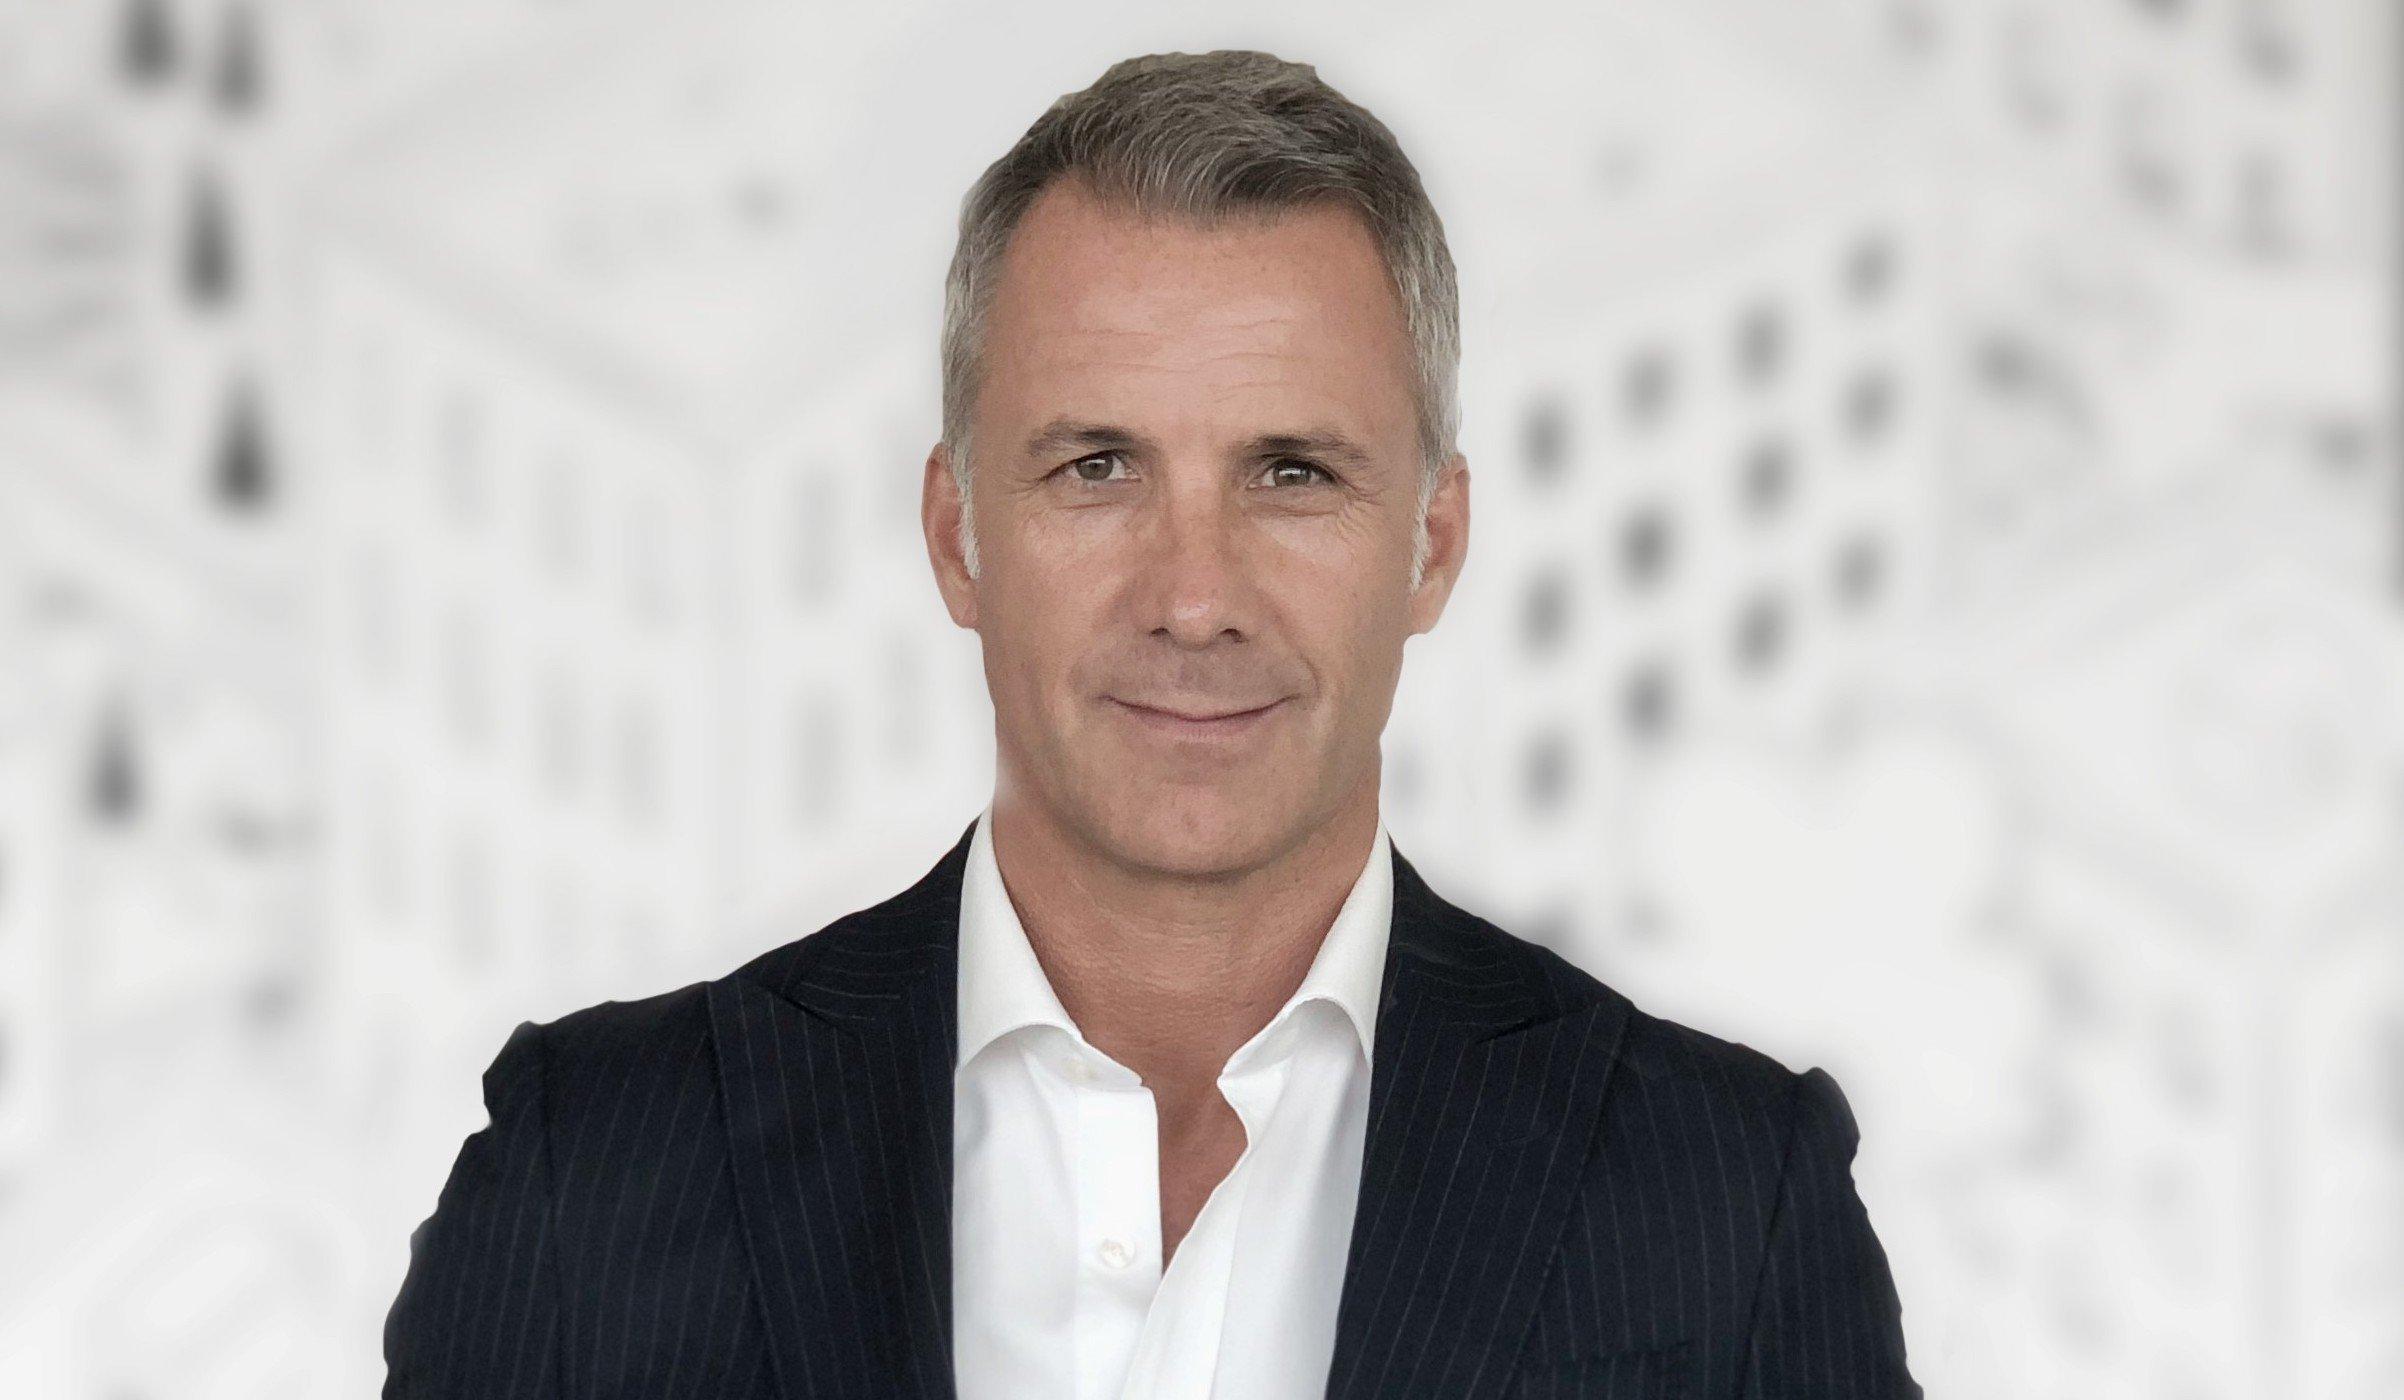 Daniele Cobianchi è il nuovo CEO di McCann Worldgroup Italia